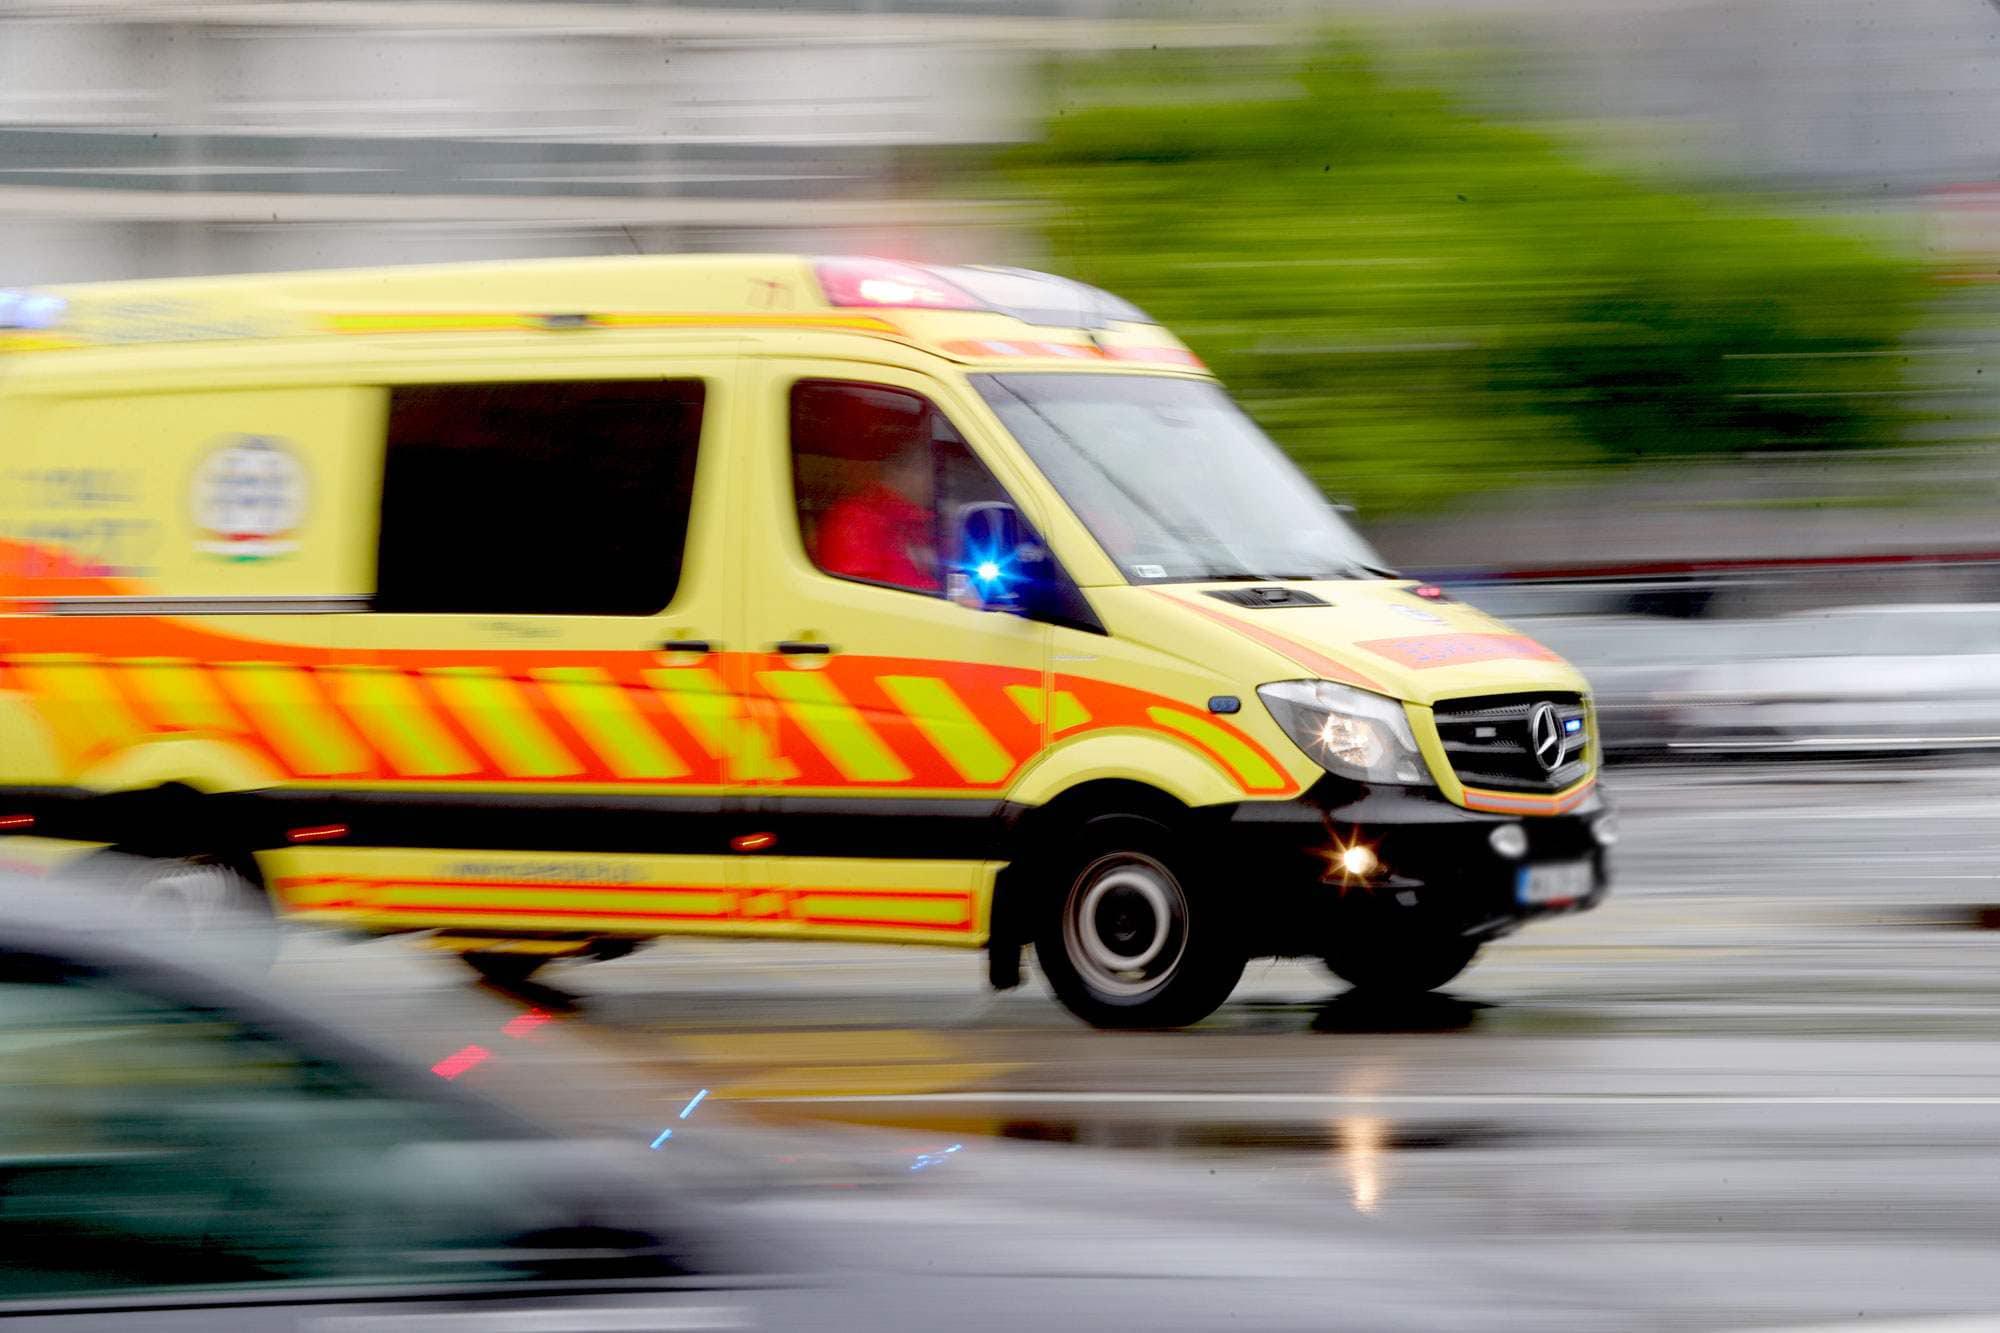 Újraélesztés: a mentősöknek köszönheti az életét az idős férfi